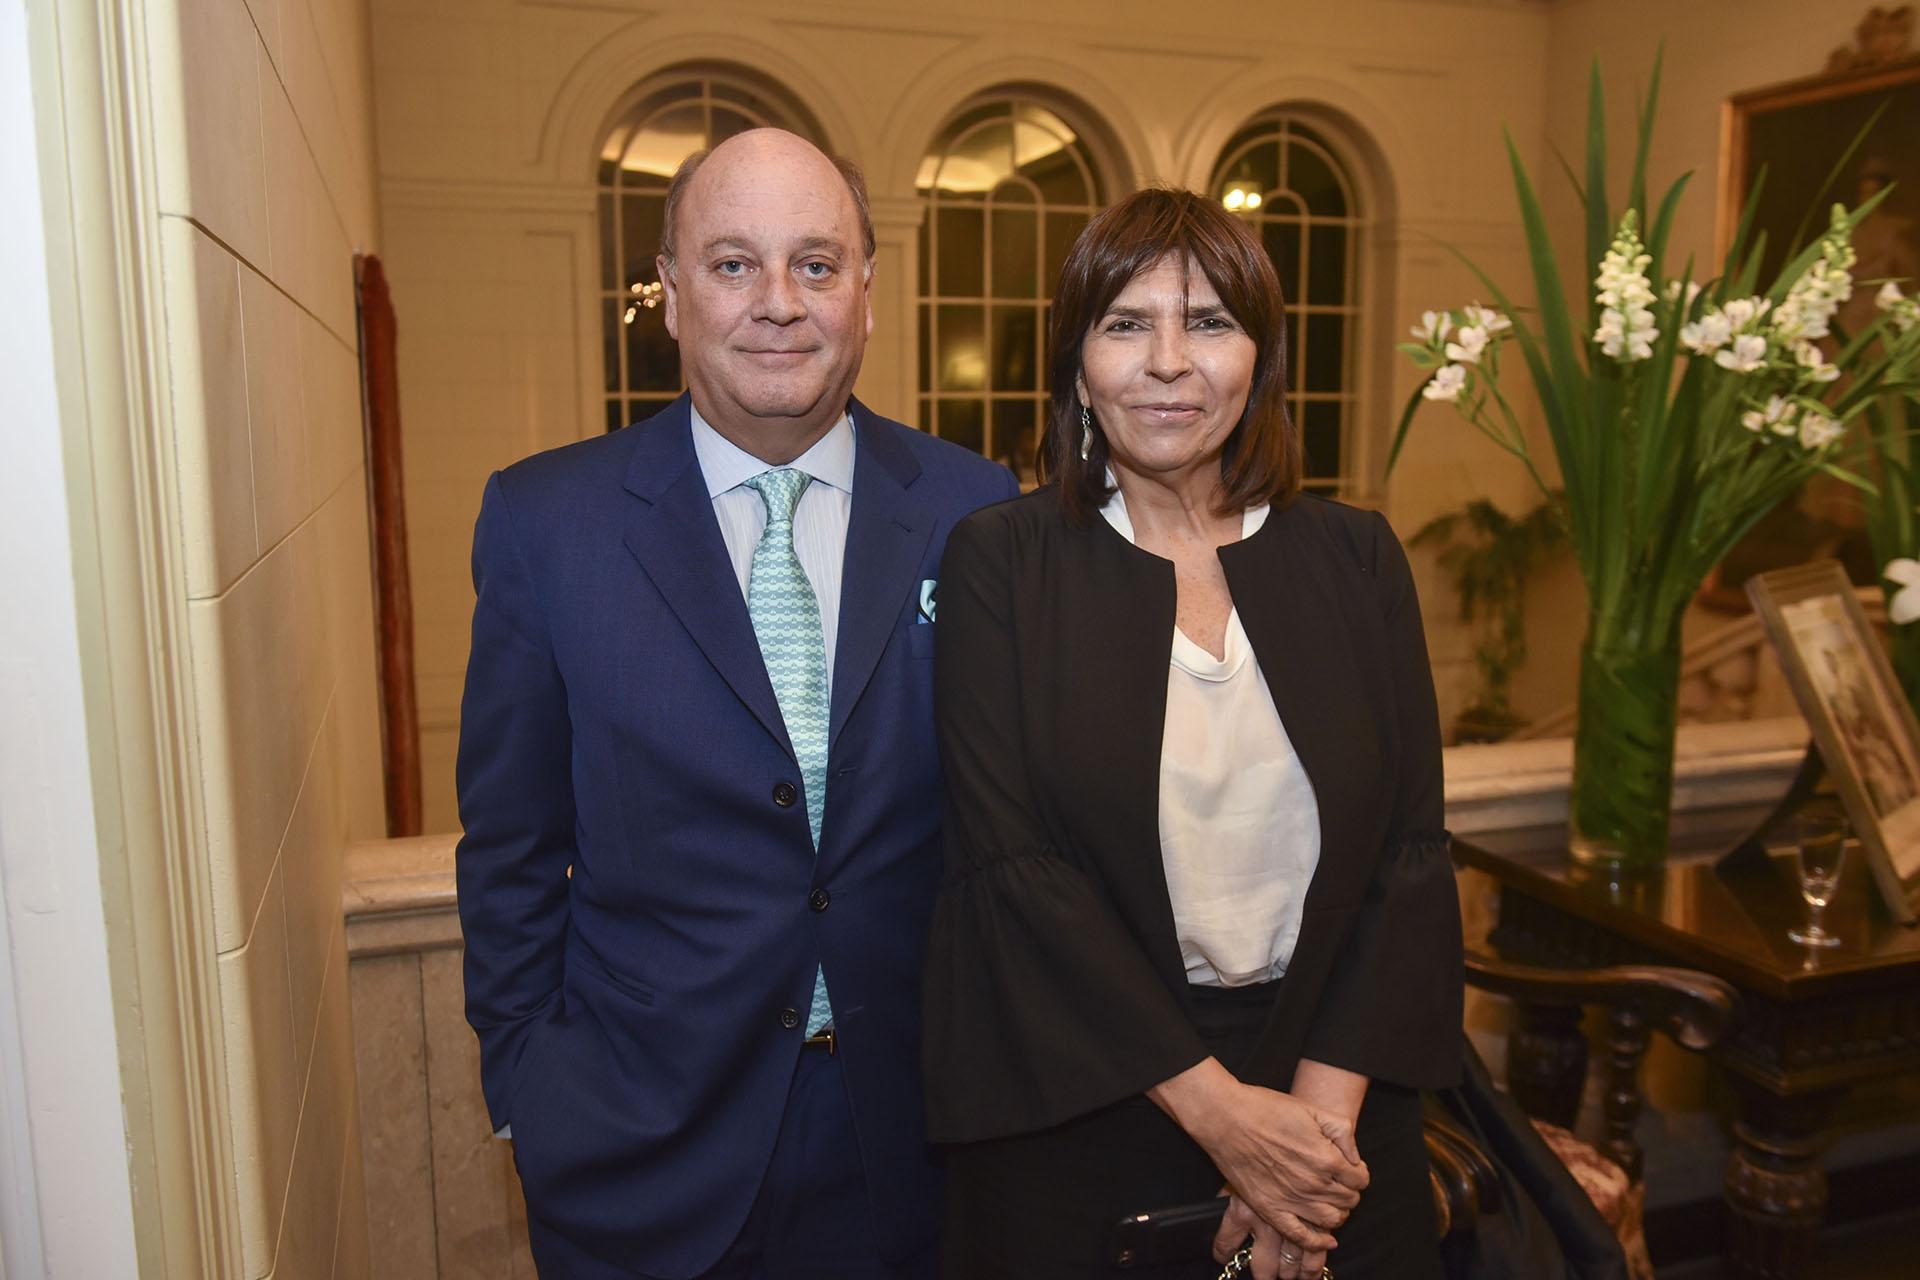 El empresario Martín Cabrales y la periodista Silvia Mercado